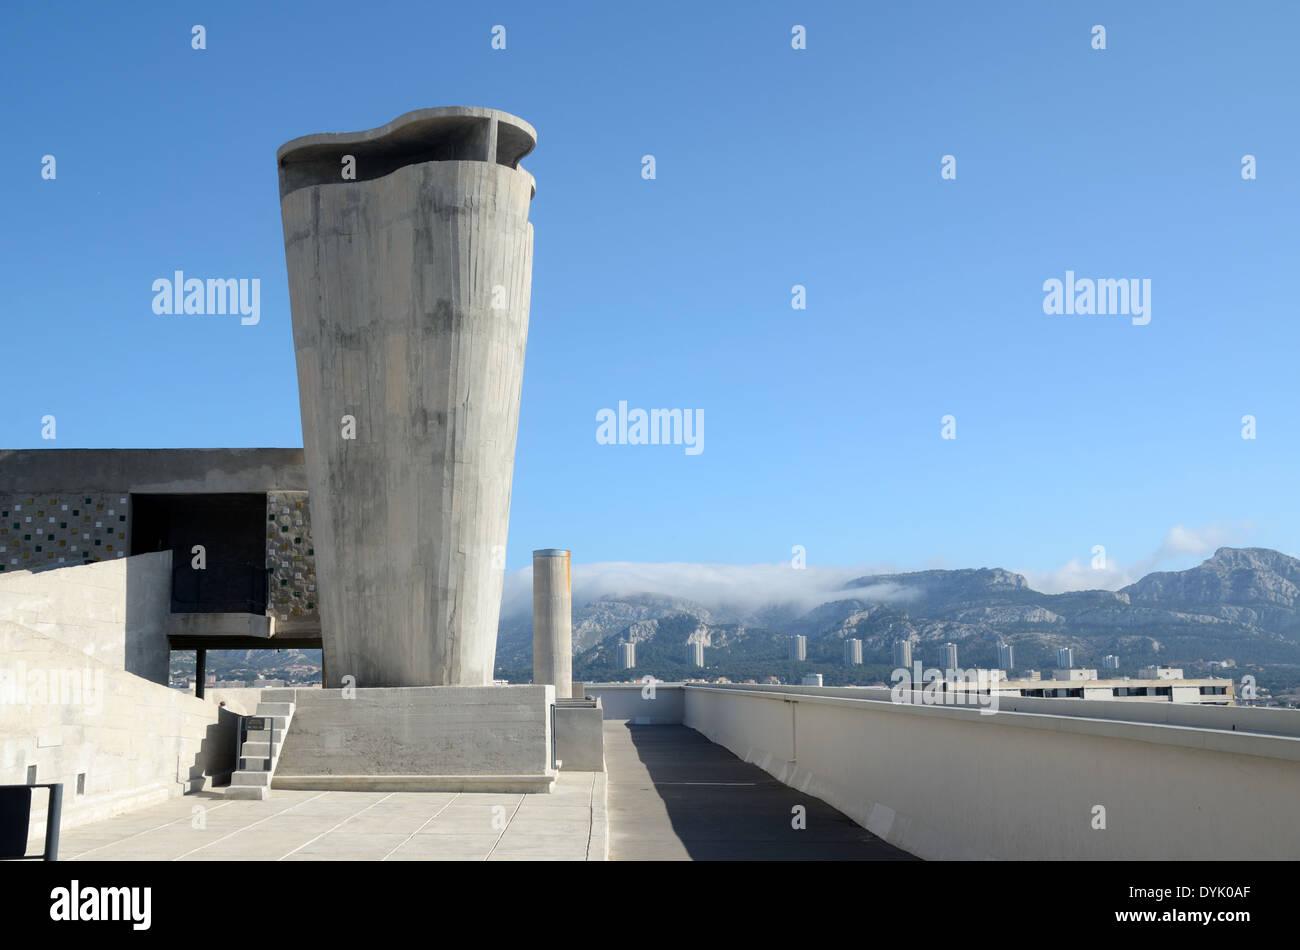 Roof Terrace & Ventilation Shaft of the Unité d'Habitation or Cité Radieuse by Le Corbusier  Marseille - Stock Image